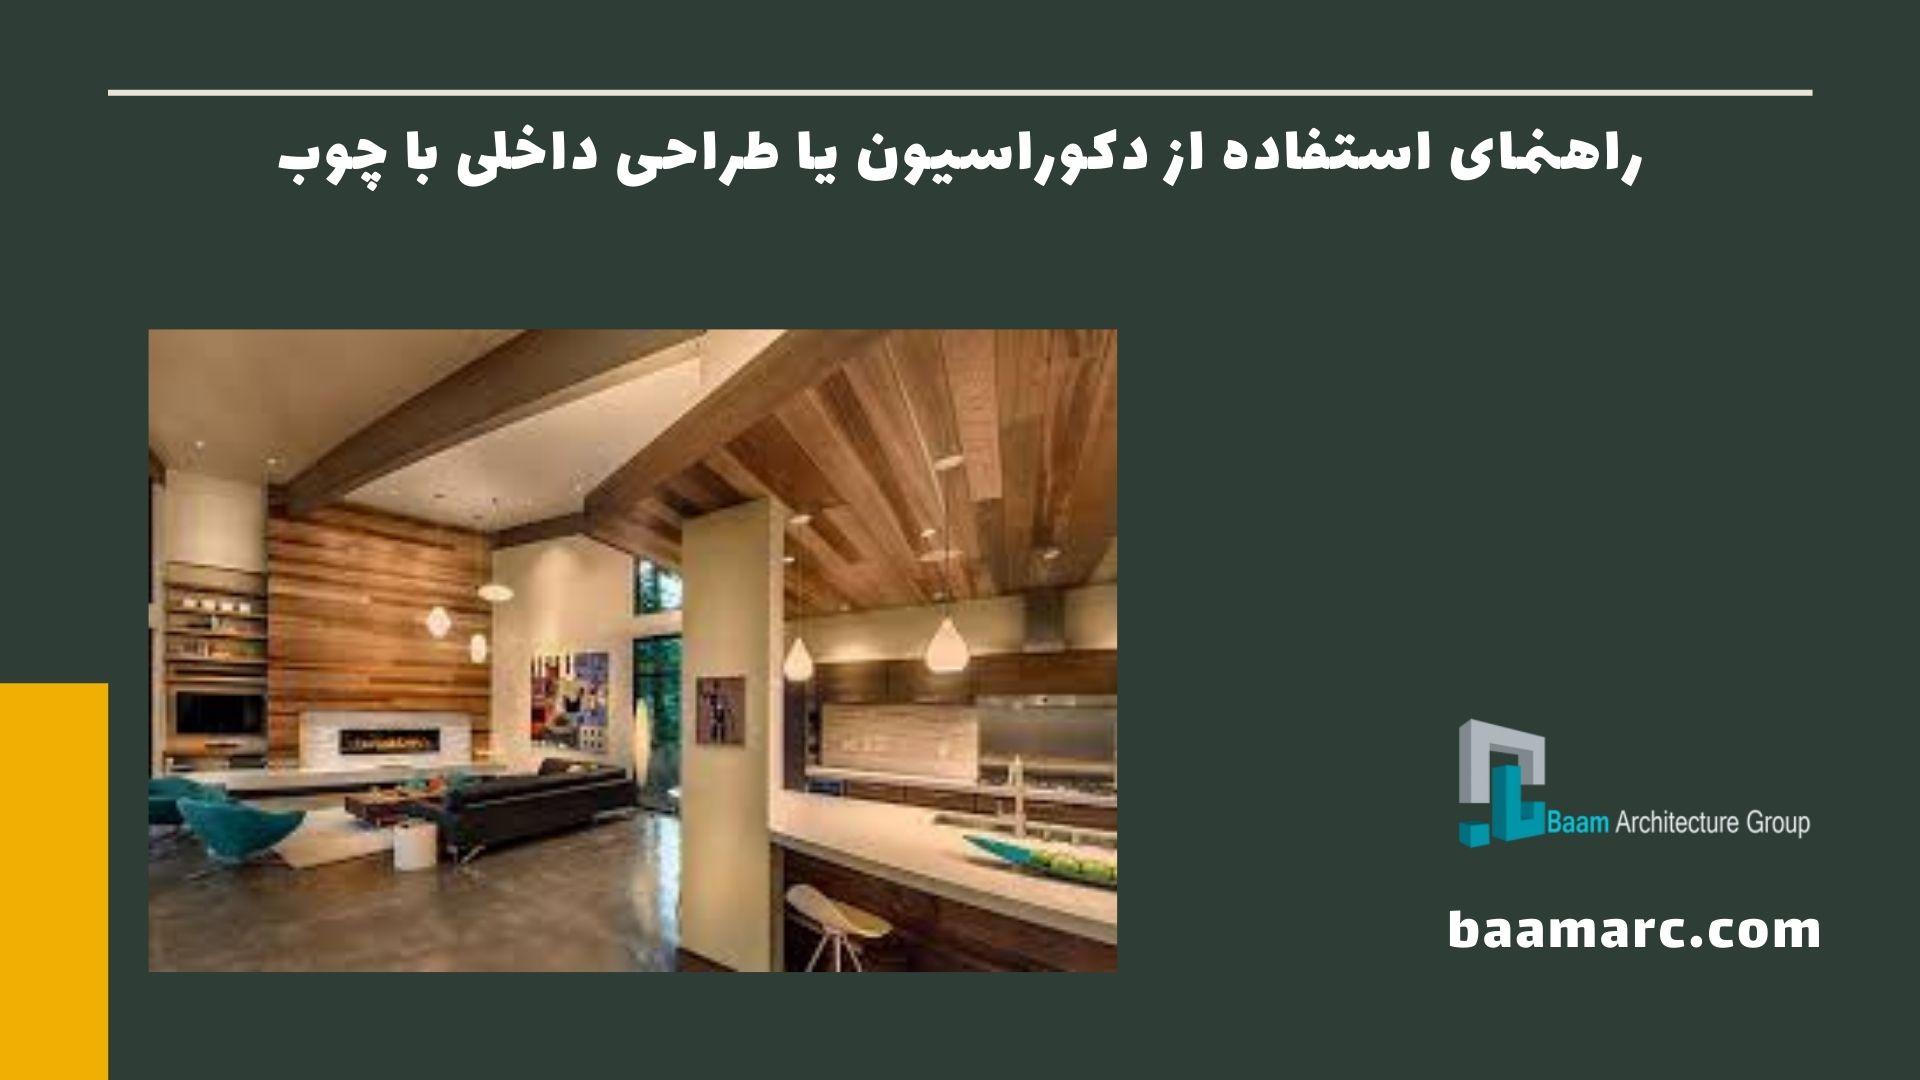 راهنمای استفاده از دکوراسیون یا طراحی داخلی با چوب